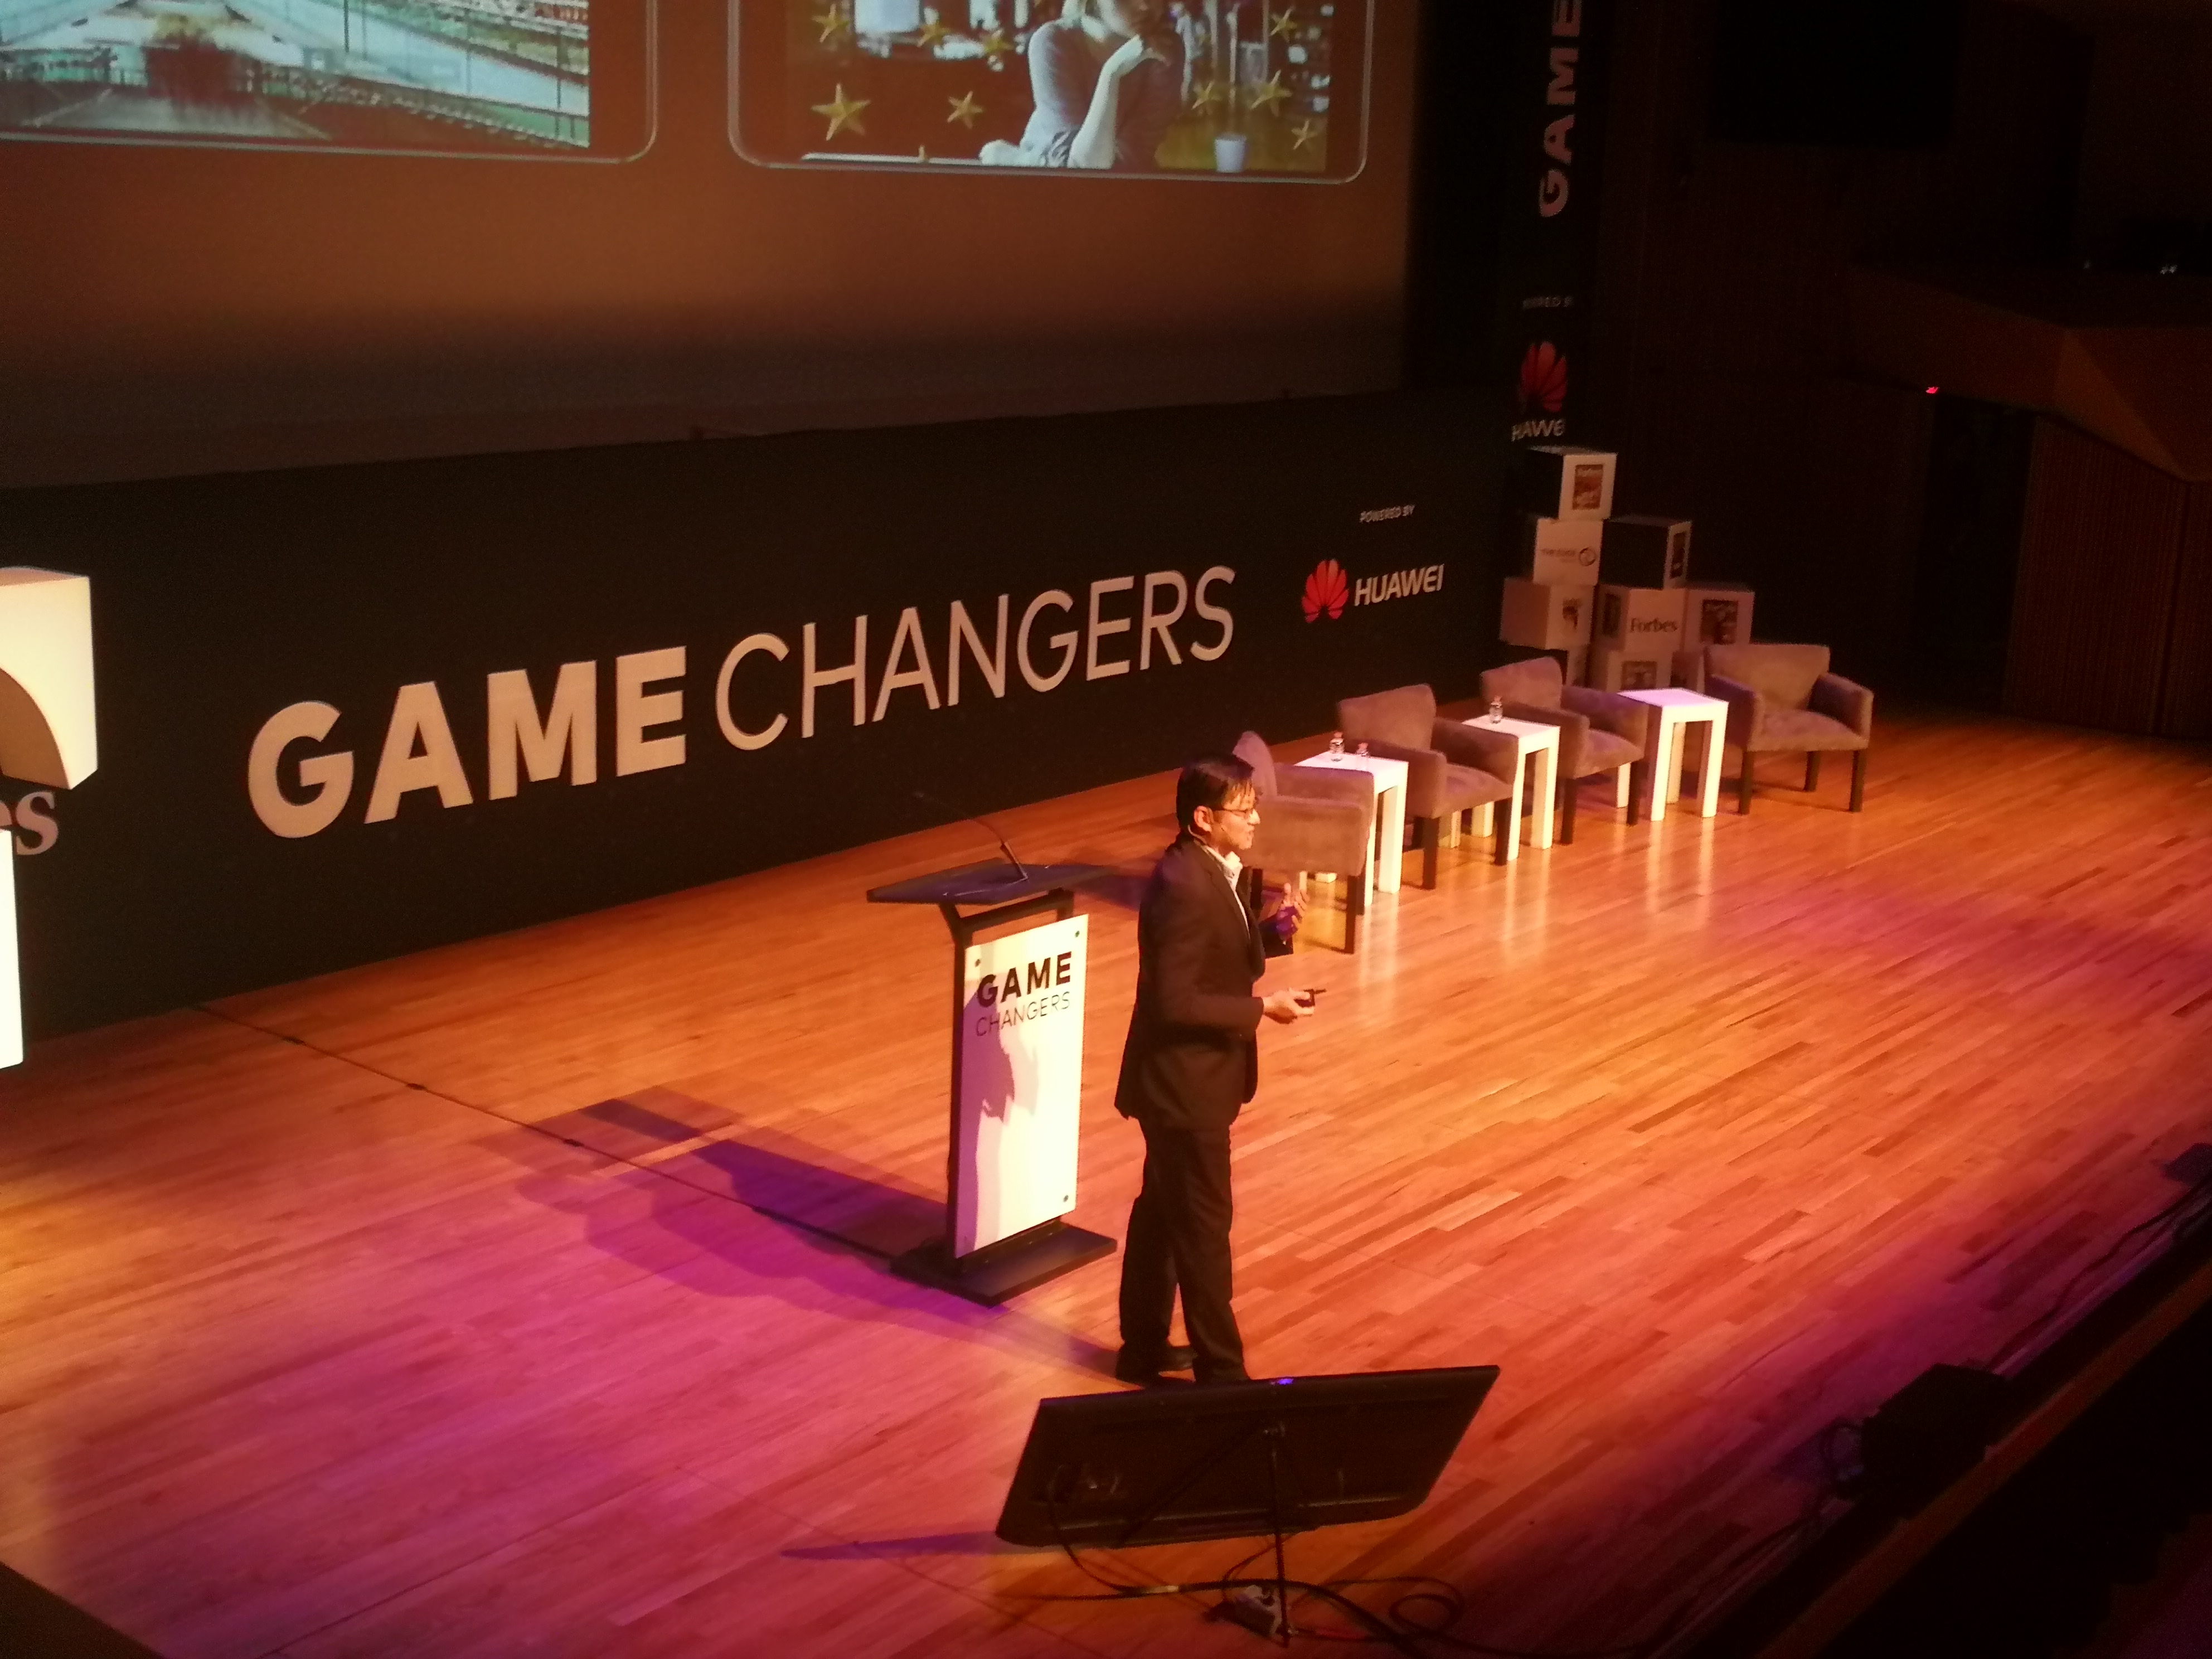 Hansheng Tan en su conferencia en el evento Game Changers de la Ciudad de México.